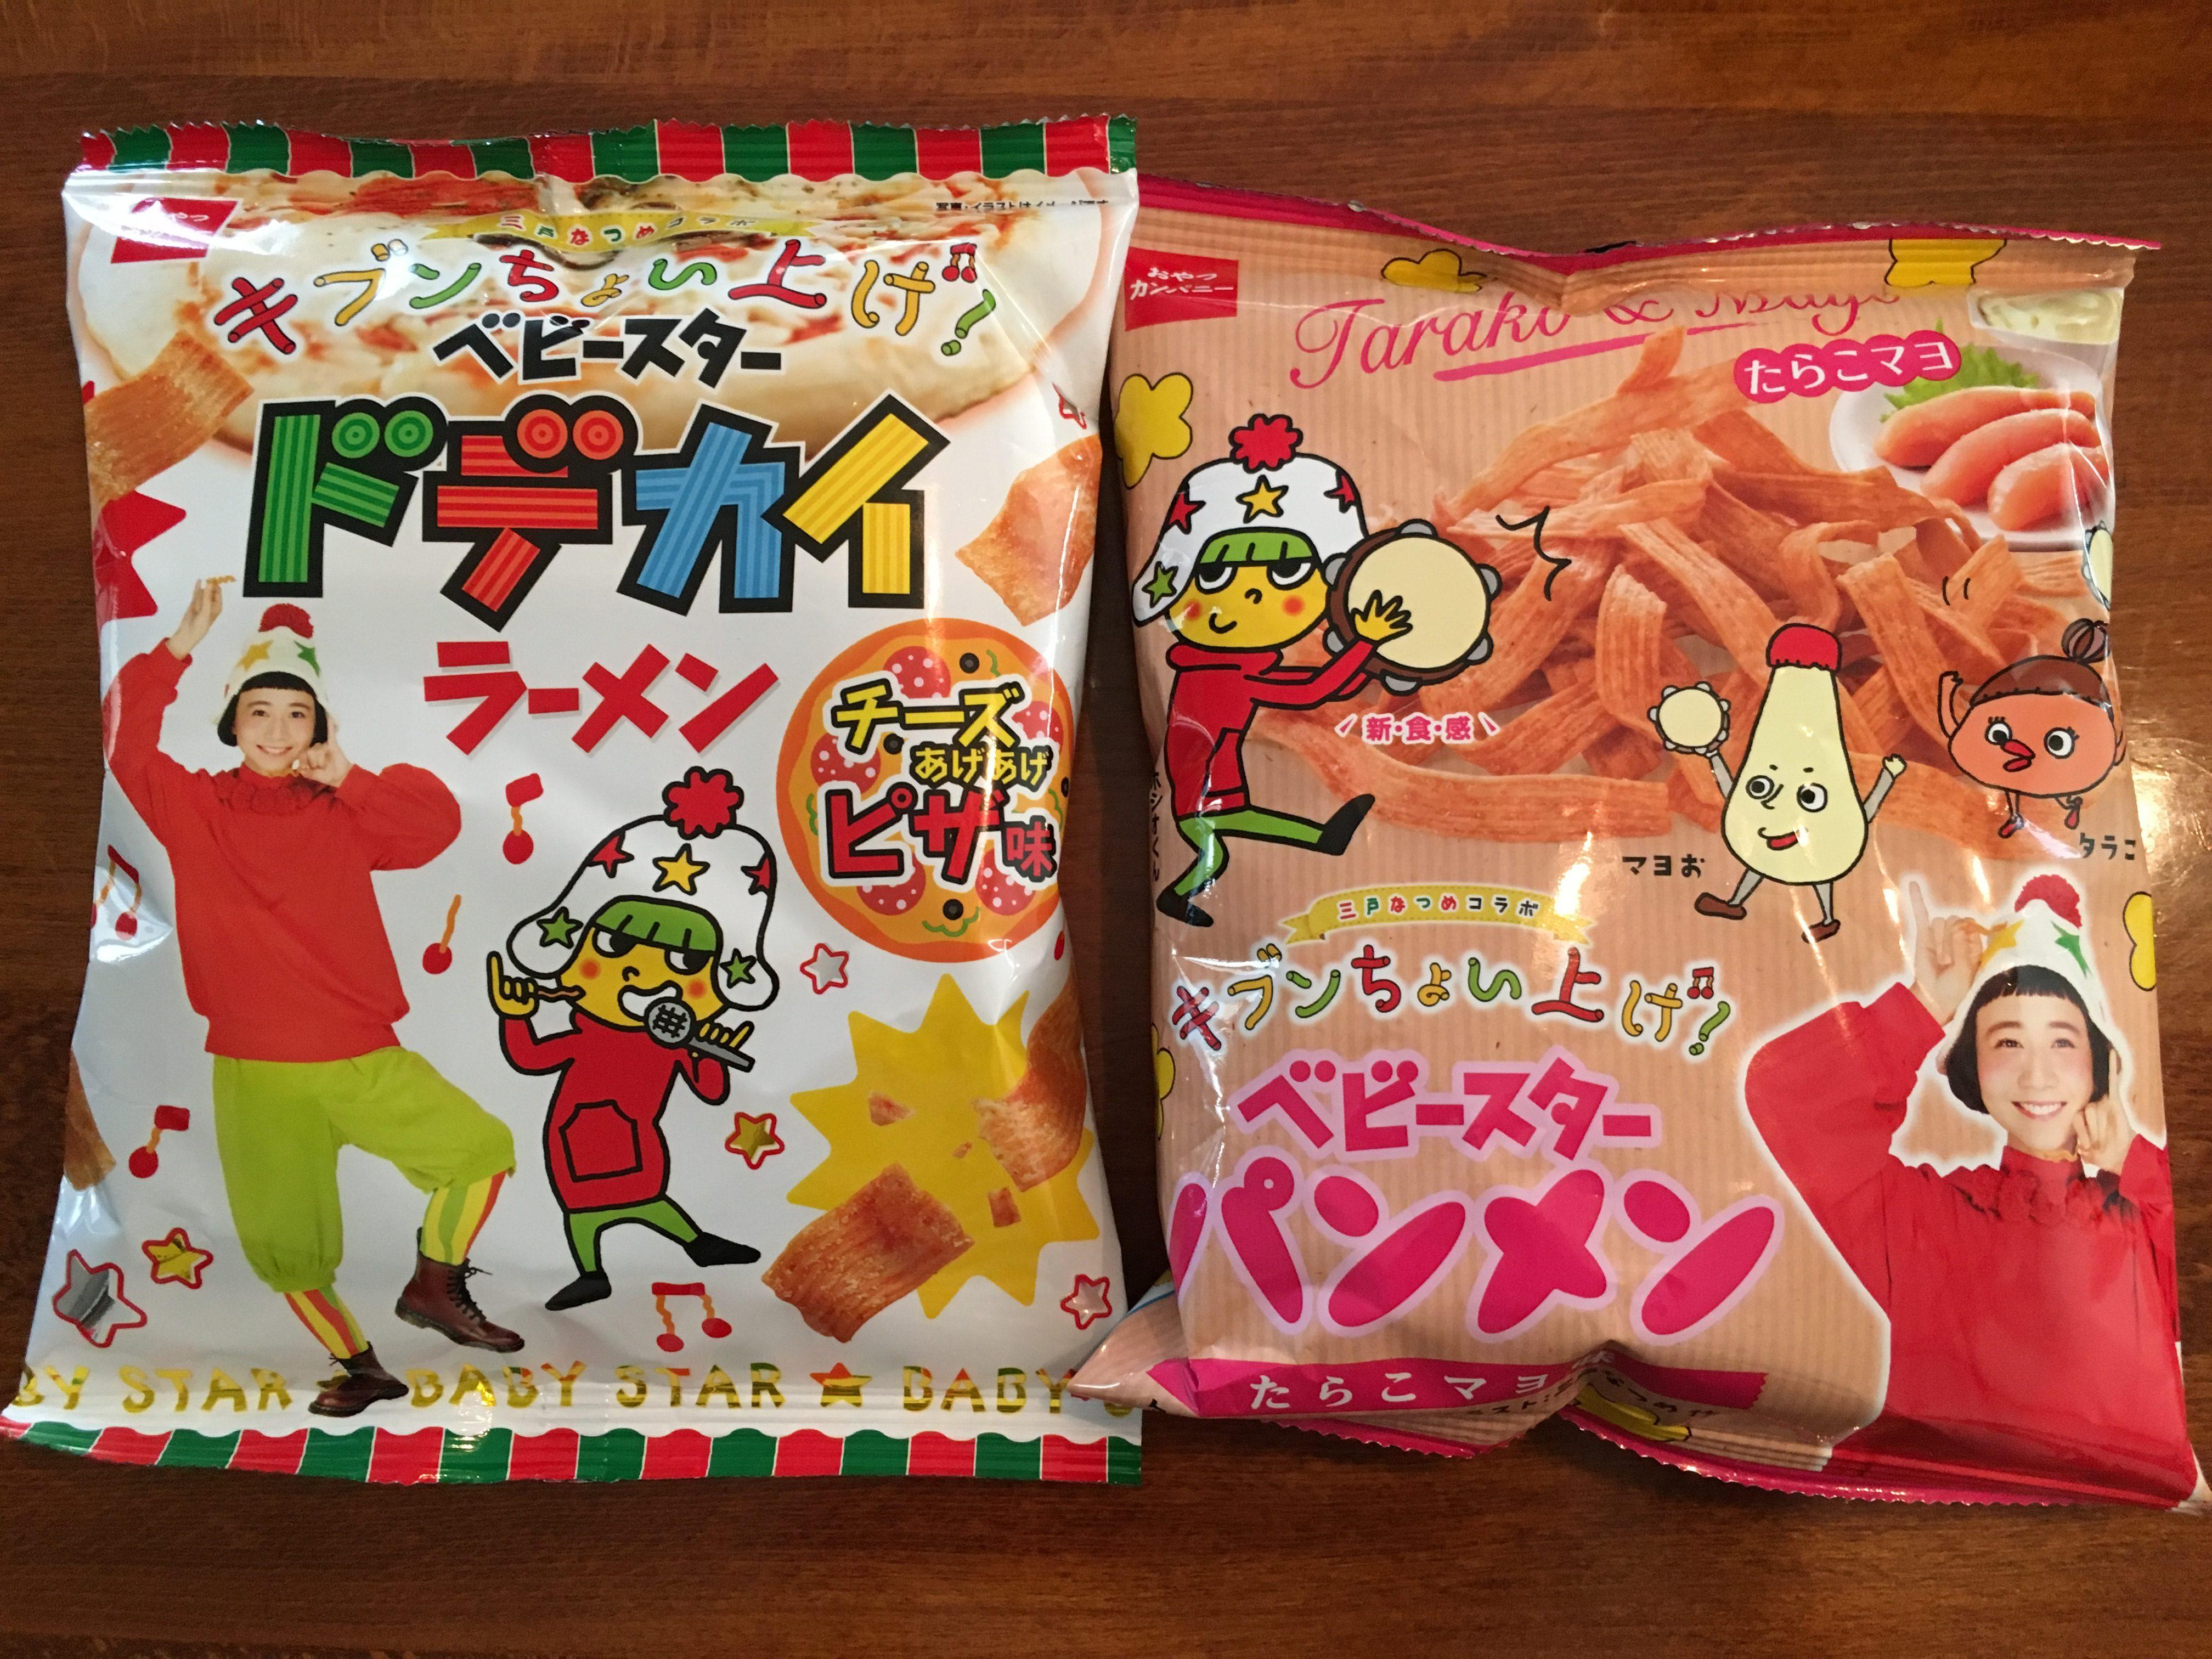 【新商品)おやつカンパニーのドデカイベビースターとパンメンを徹底解析!